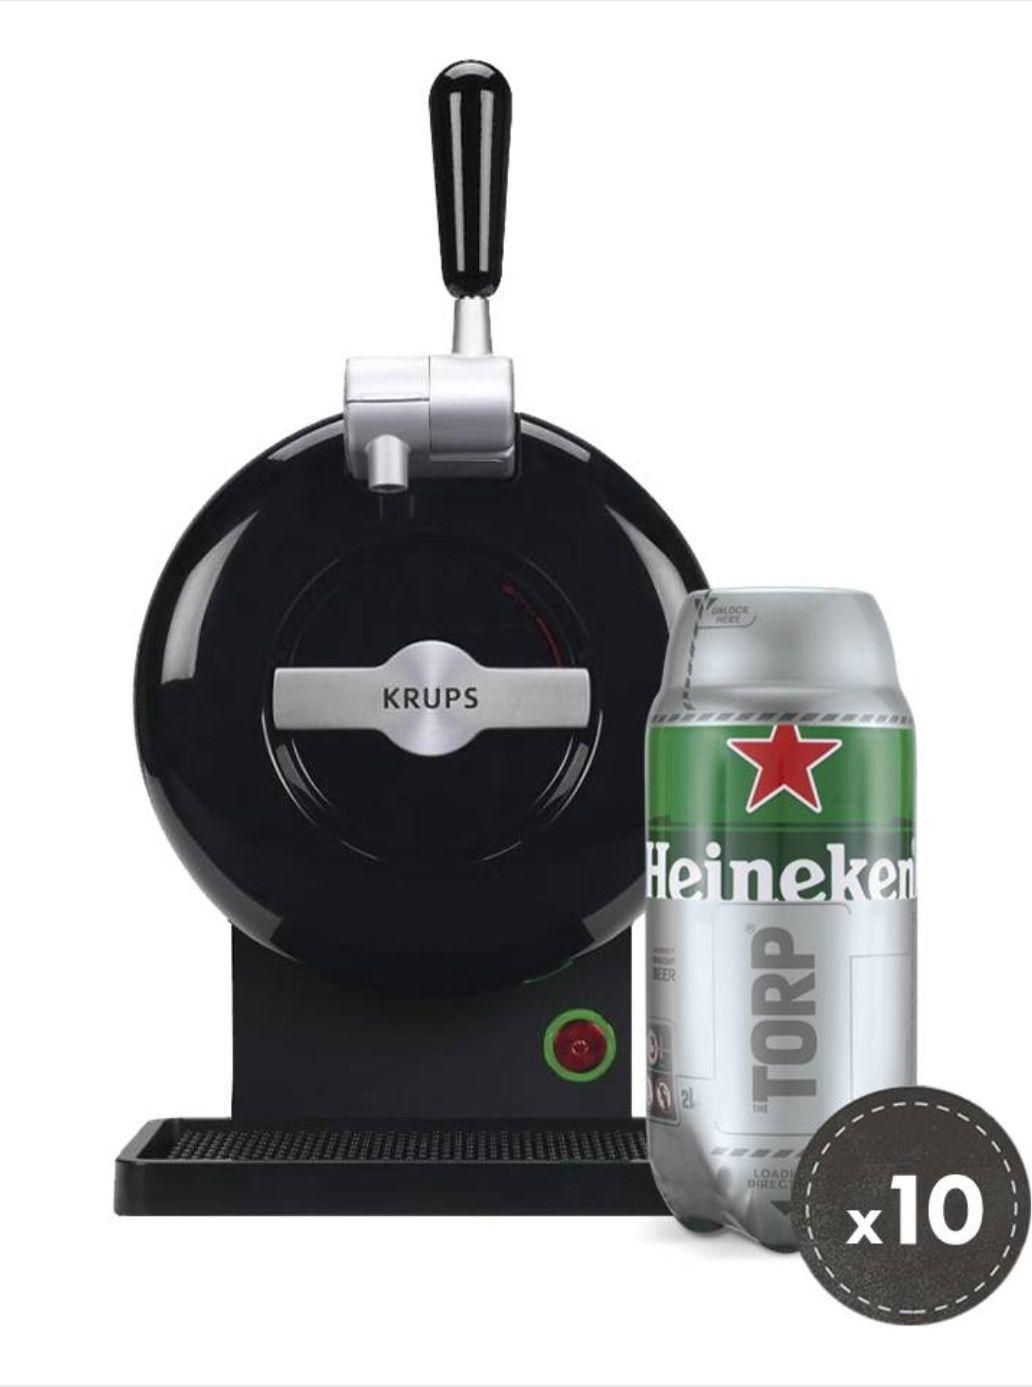 The Sub in verschiedenen Farben + 10 Torps(20 Liter) Heineken MHD:30/04/2018